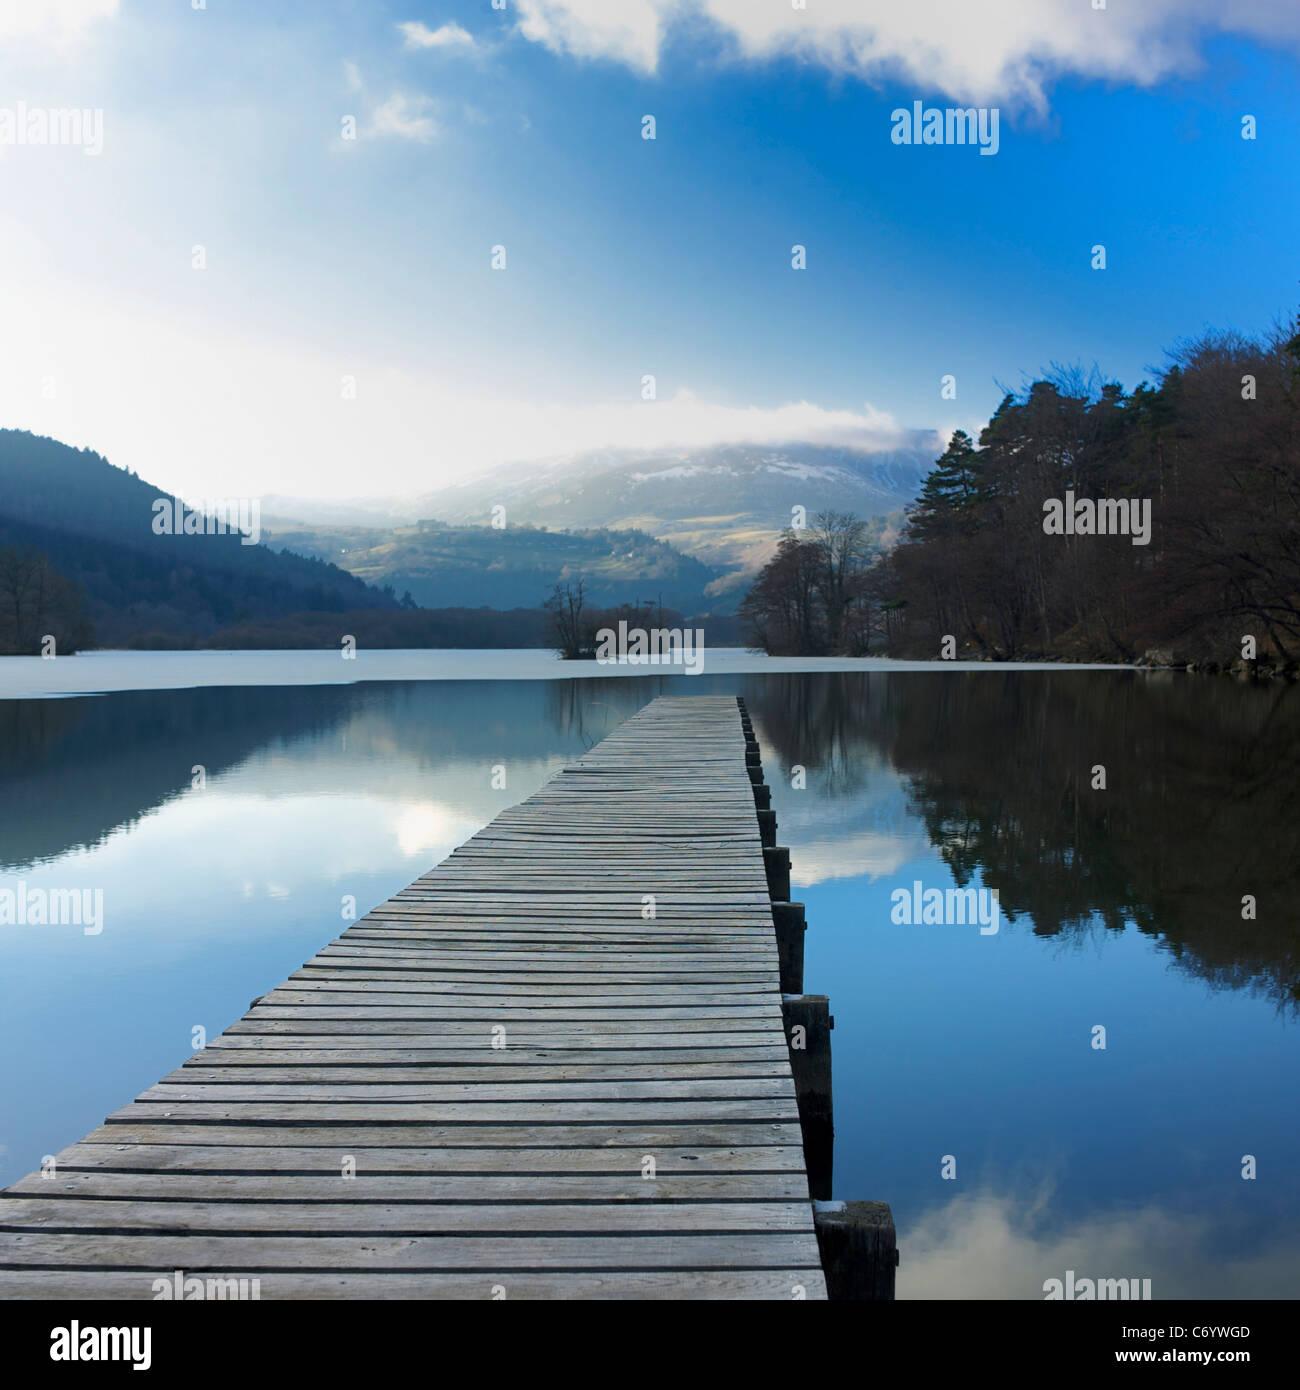 Jetée sur le Lac Chambon, Auvergne, France Photo Stock